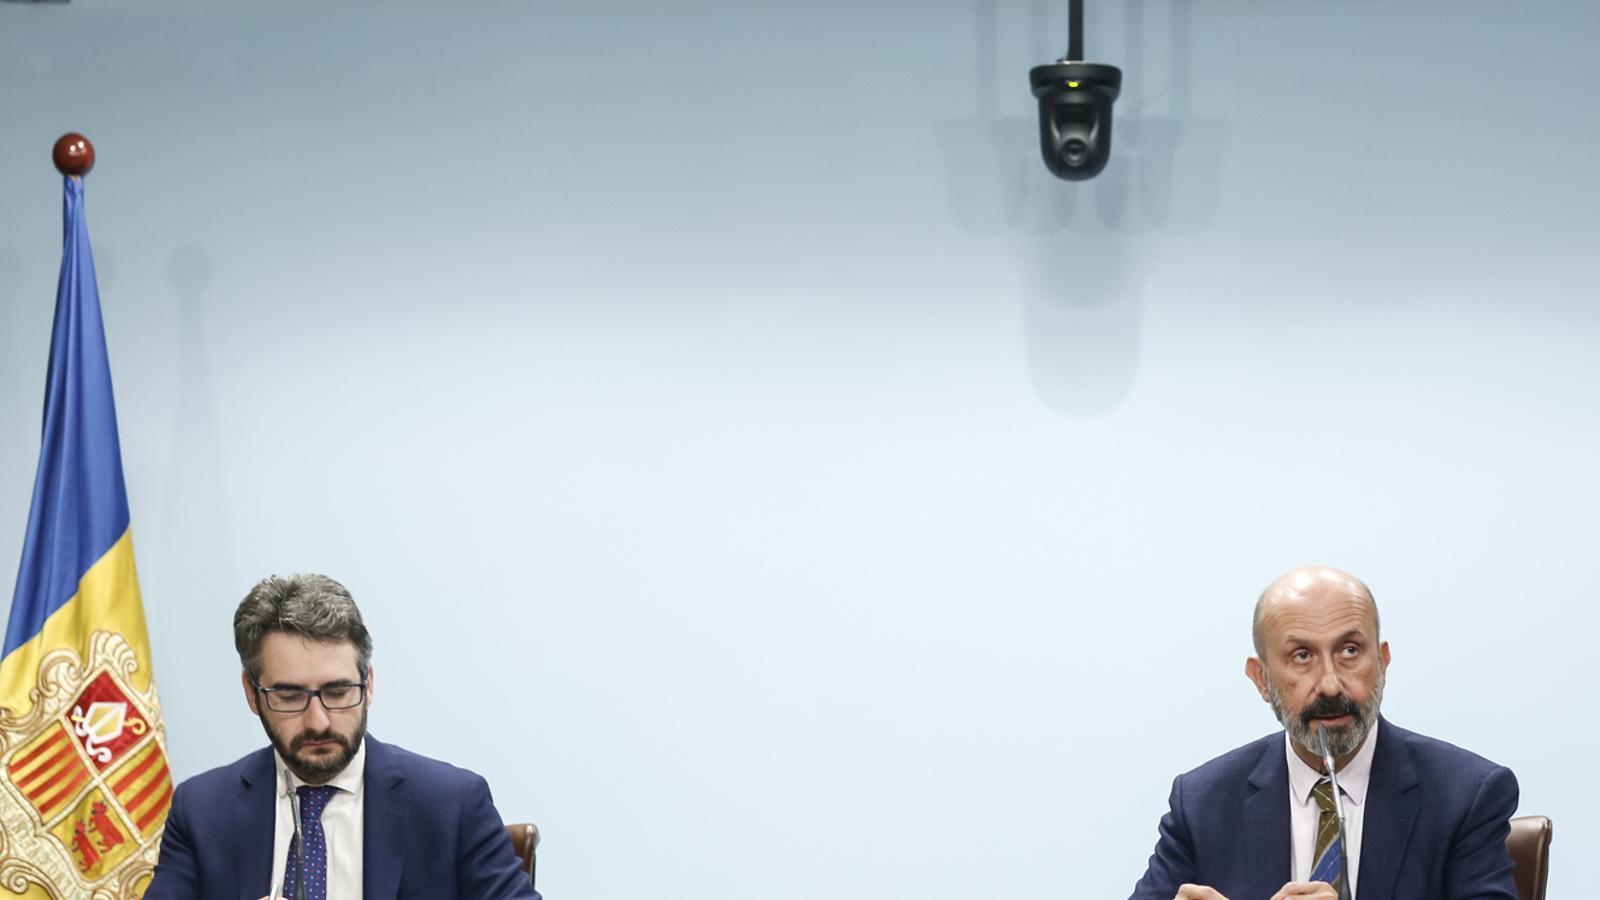 Els ministres portaveu i de Salut, Eric Jover i Joan Martínez Benazet, durant la roda de premsa per actualizar les dades sobre el coronavirus. / SFG